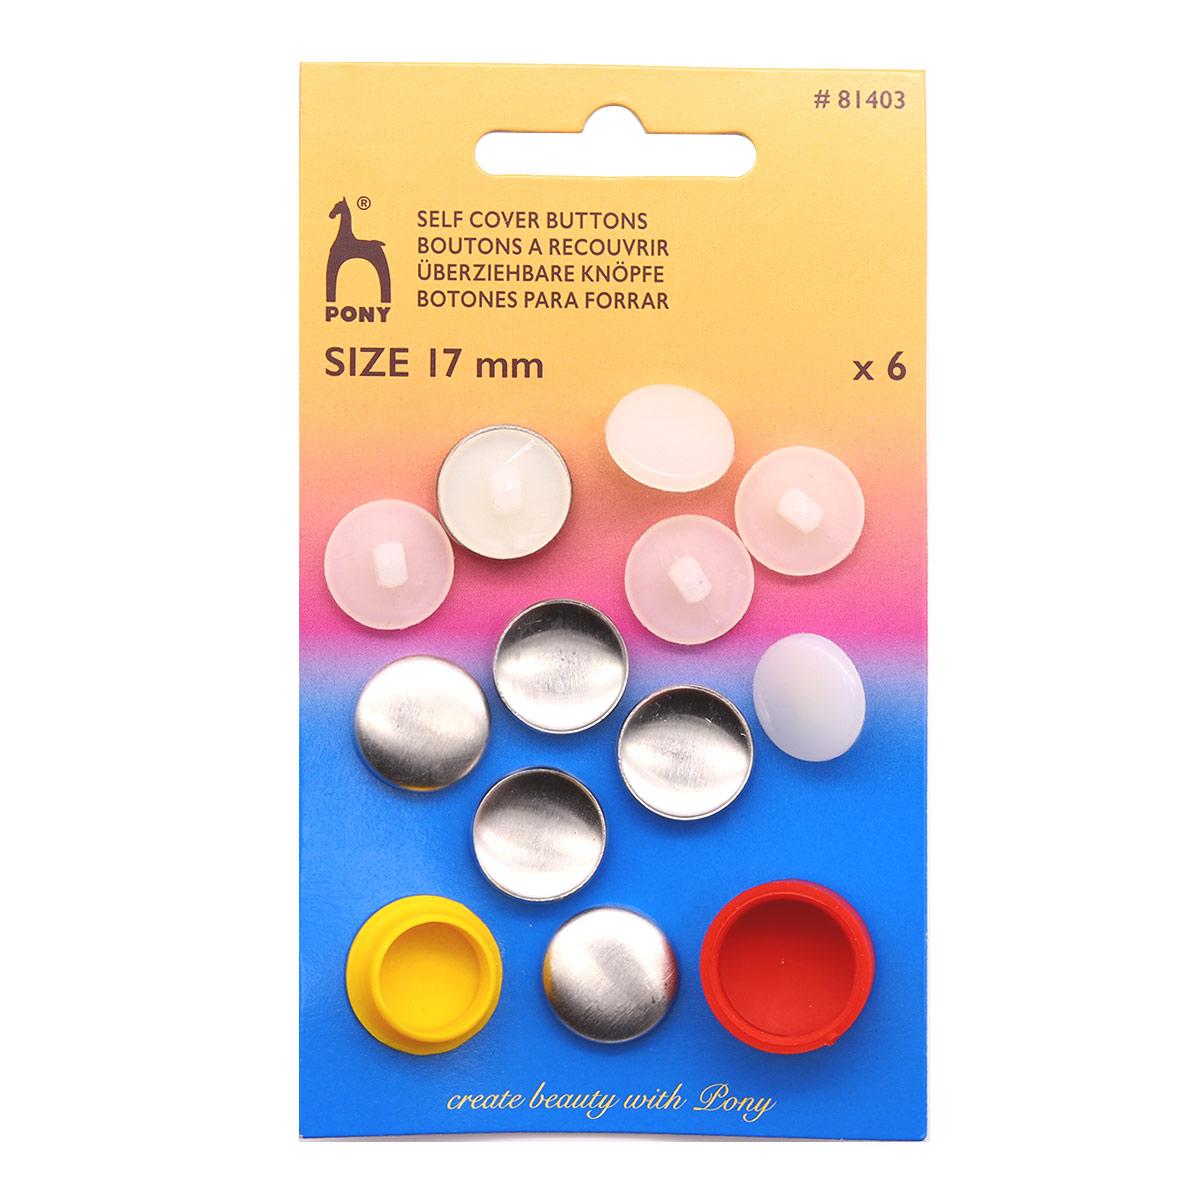 81403 PONY Пуговицы для обтягивания тканью 17 мм, 6 шт.